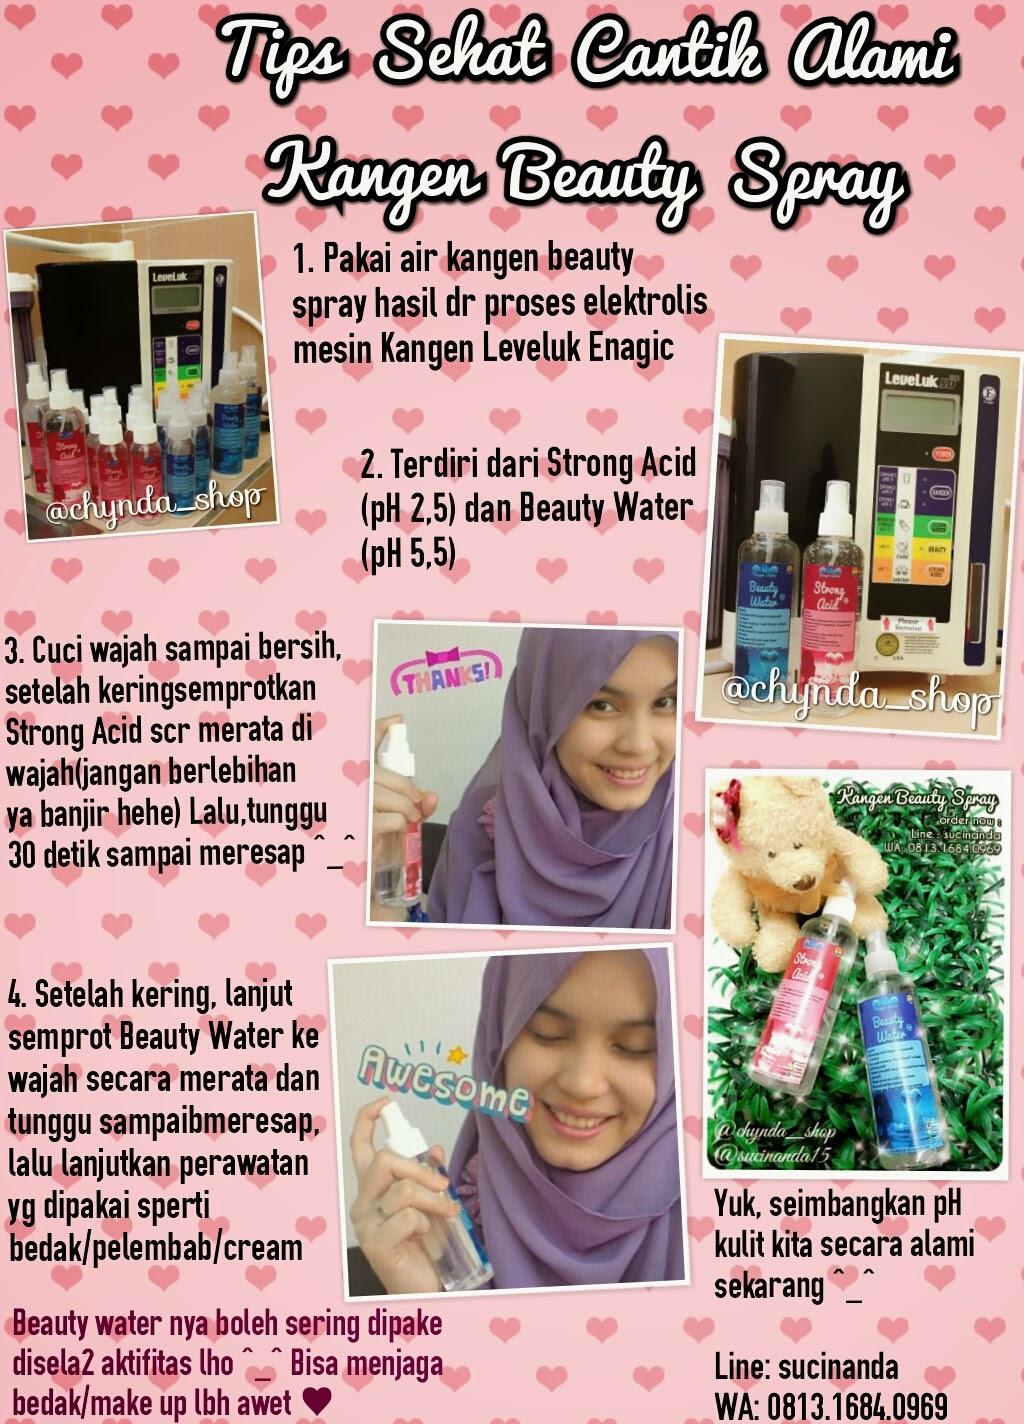 Chynda Shop By Suci Nanda Jual Kangen Water Strong Acid Dan Paket Cantik Sumber Http Kangenwatercoid